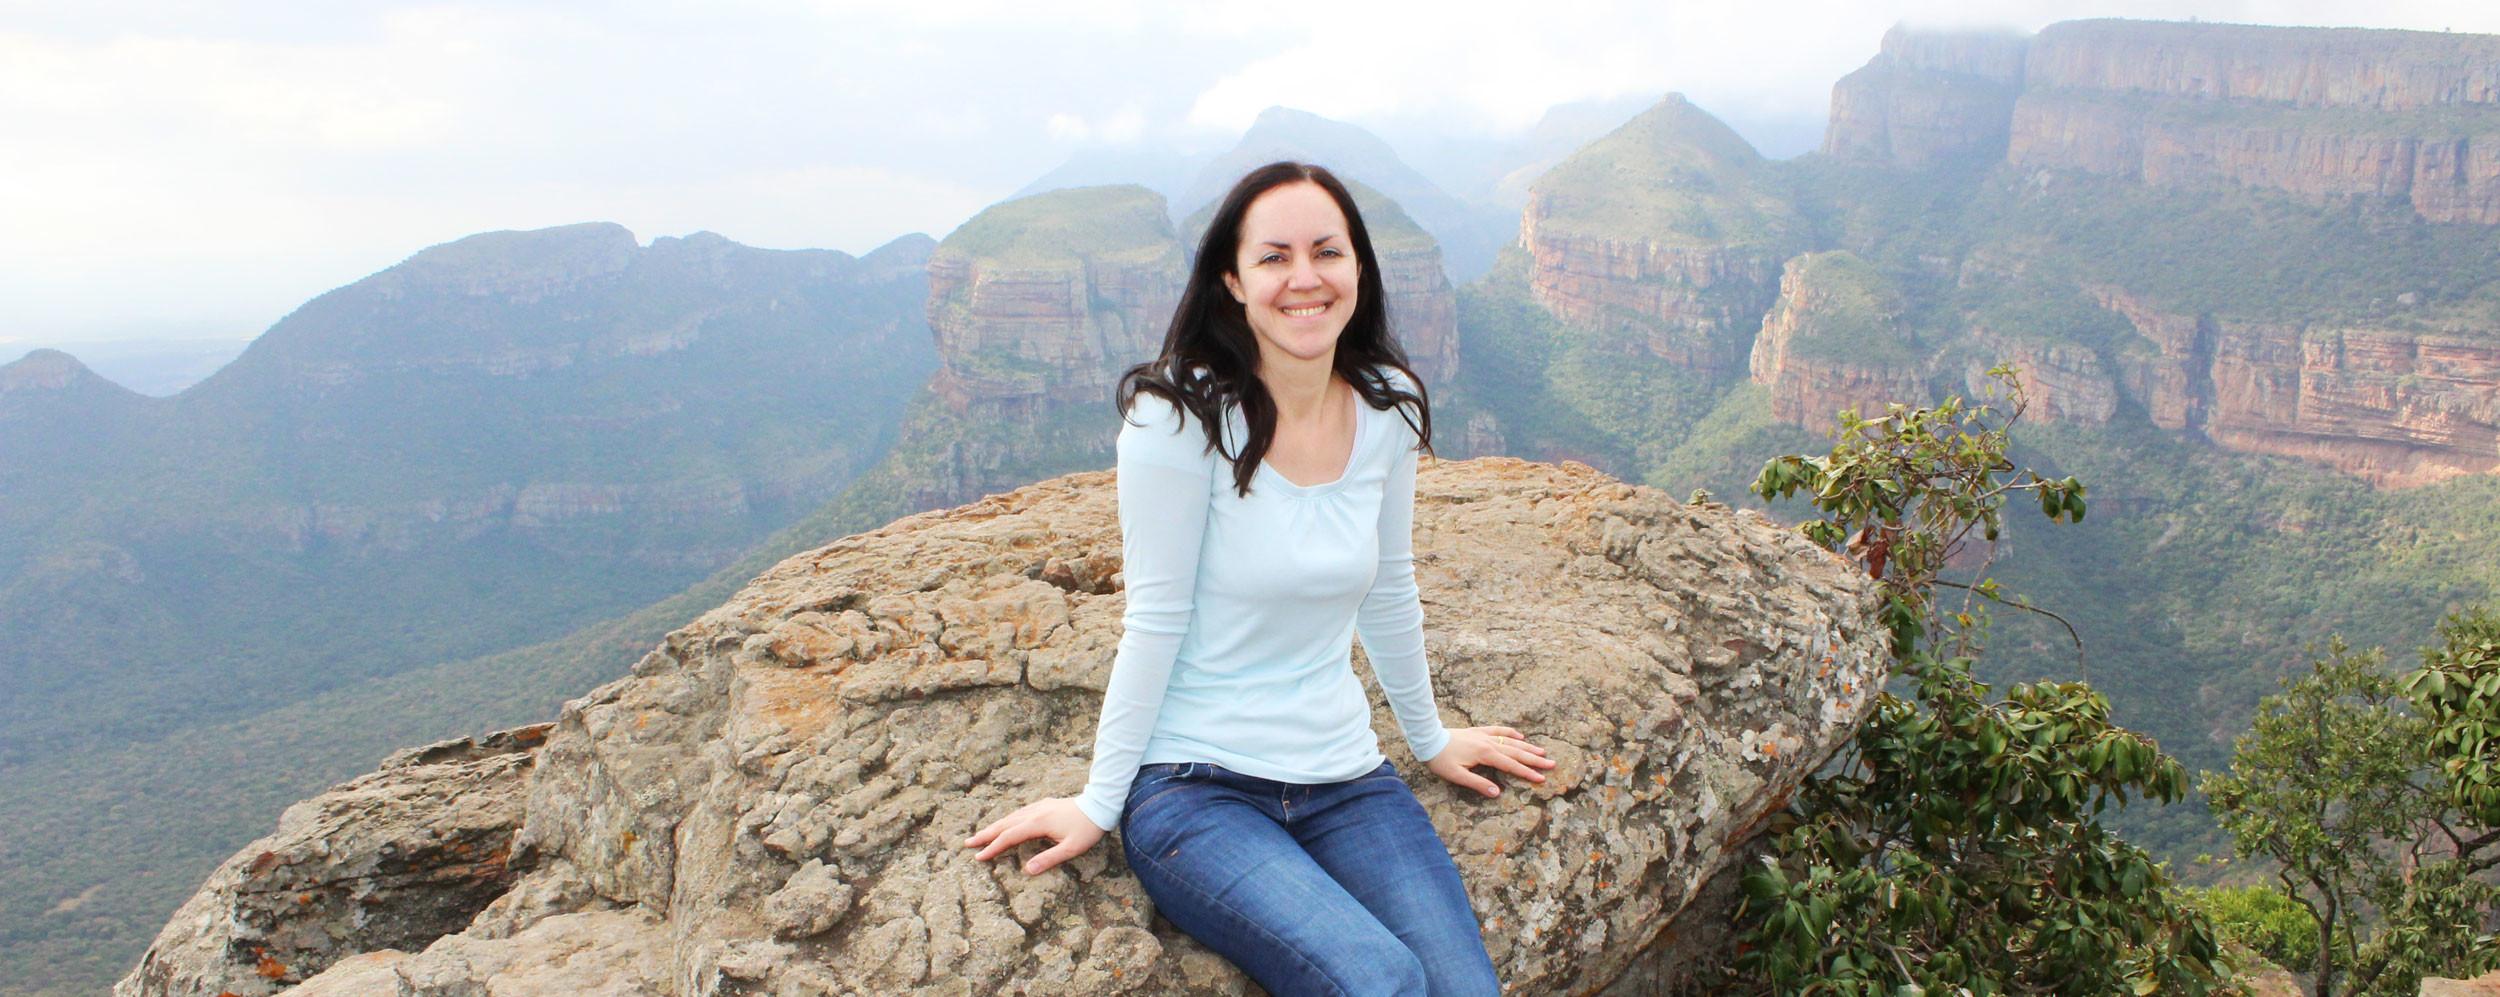 Reisebericht Südafrika - Waltraud am Aussichtspunkt Three Rondavels